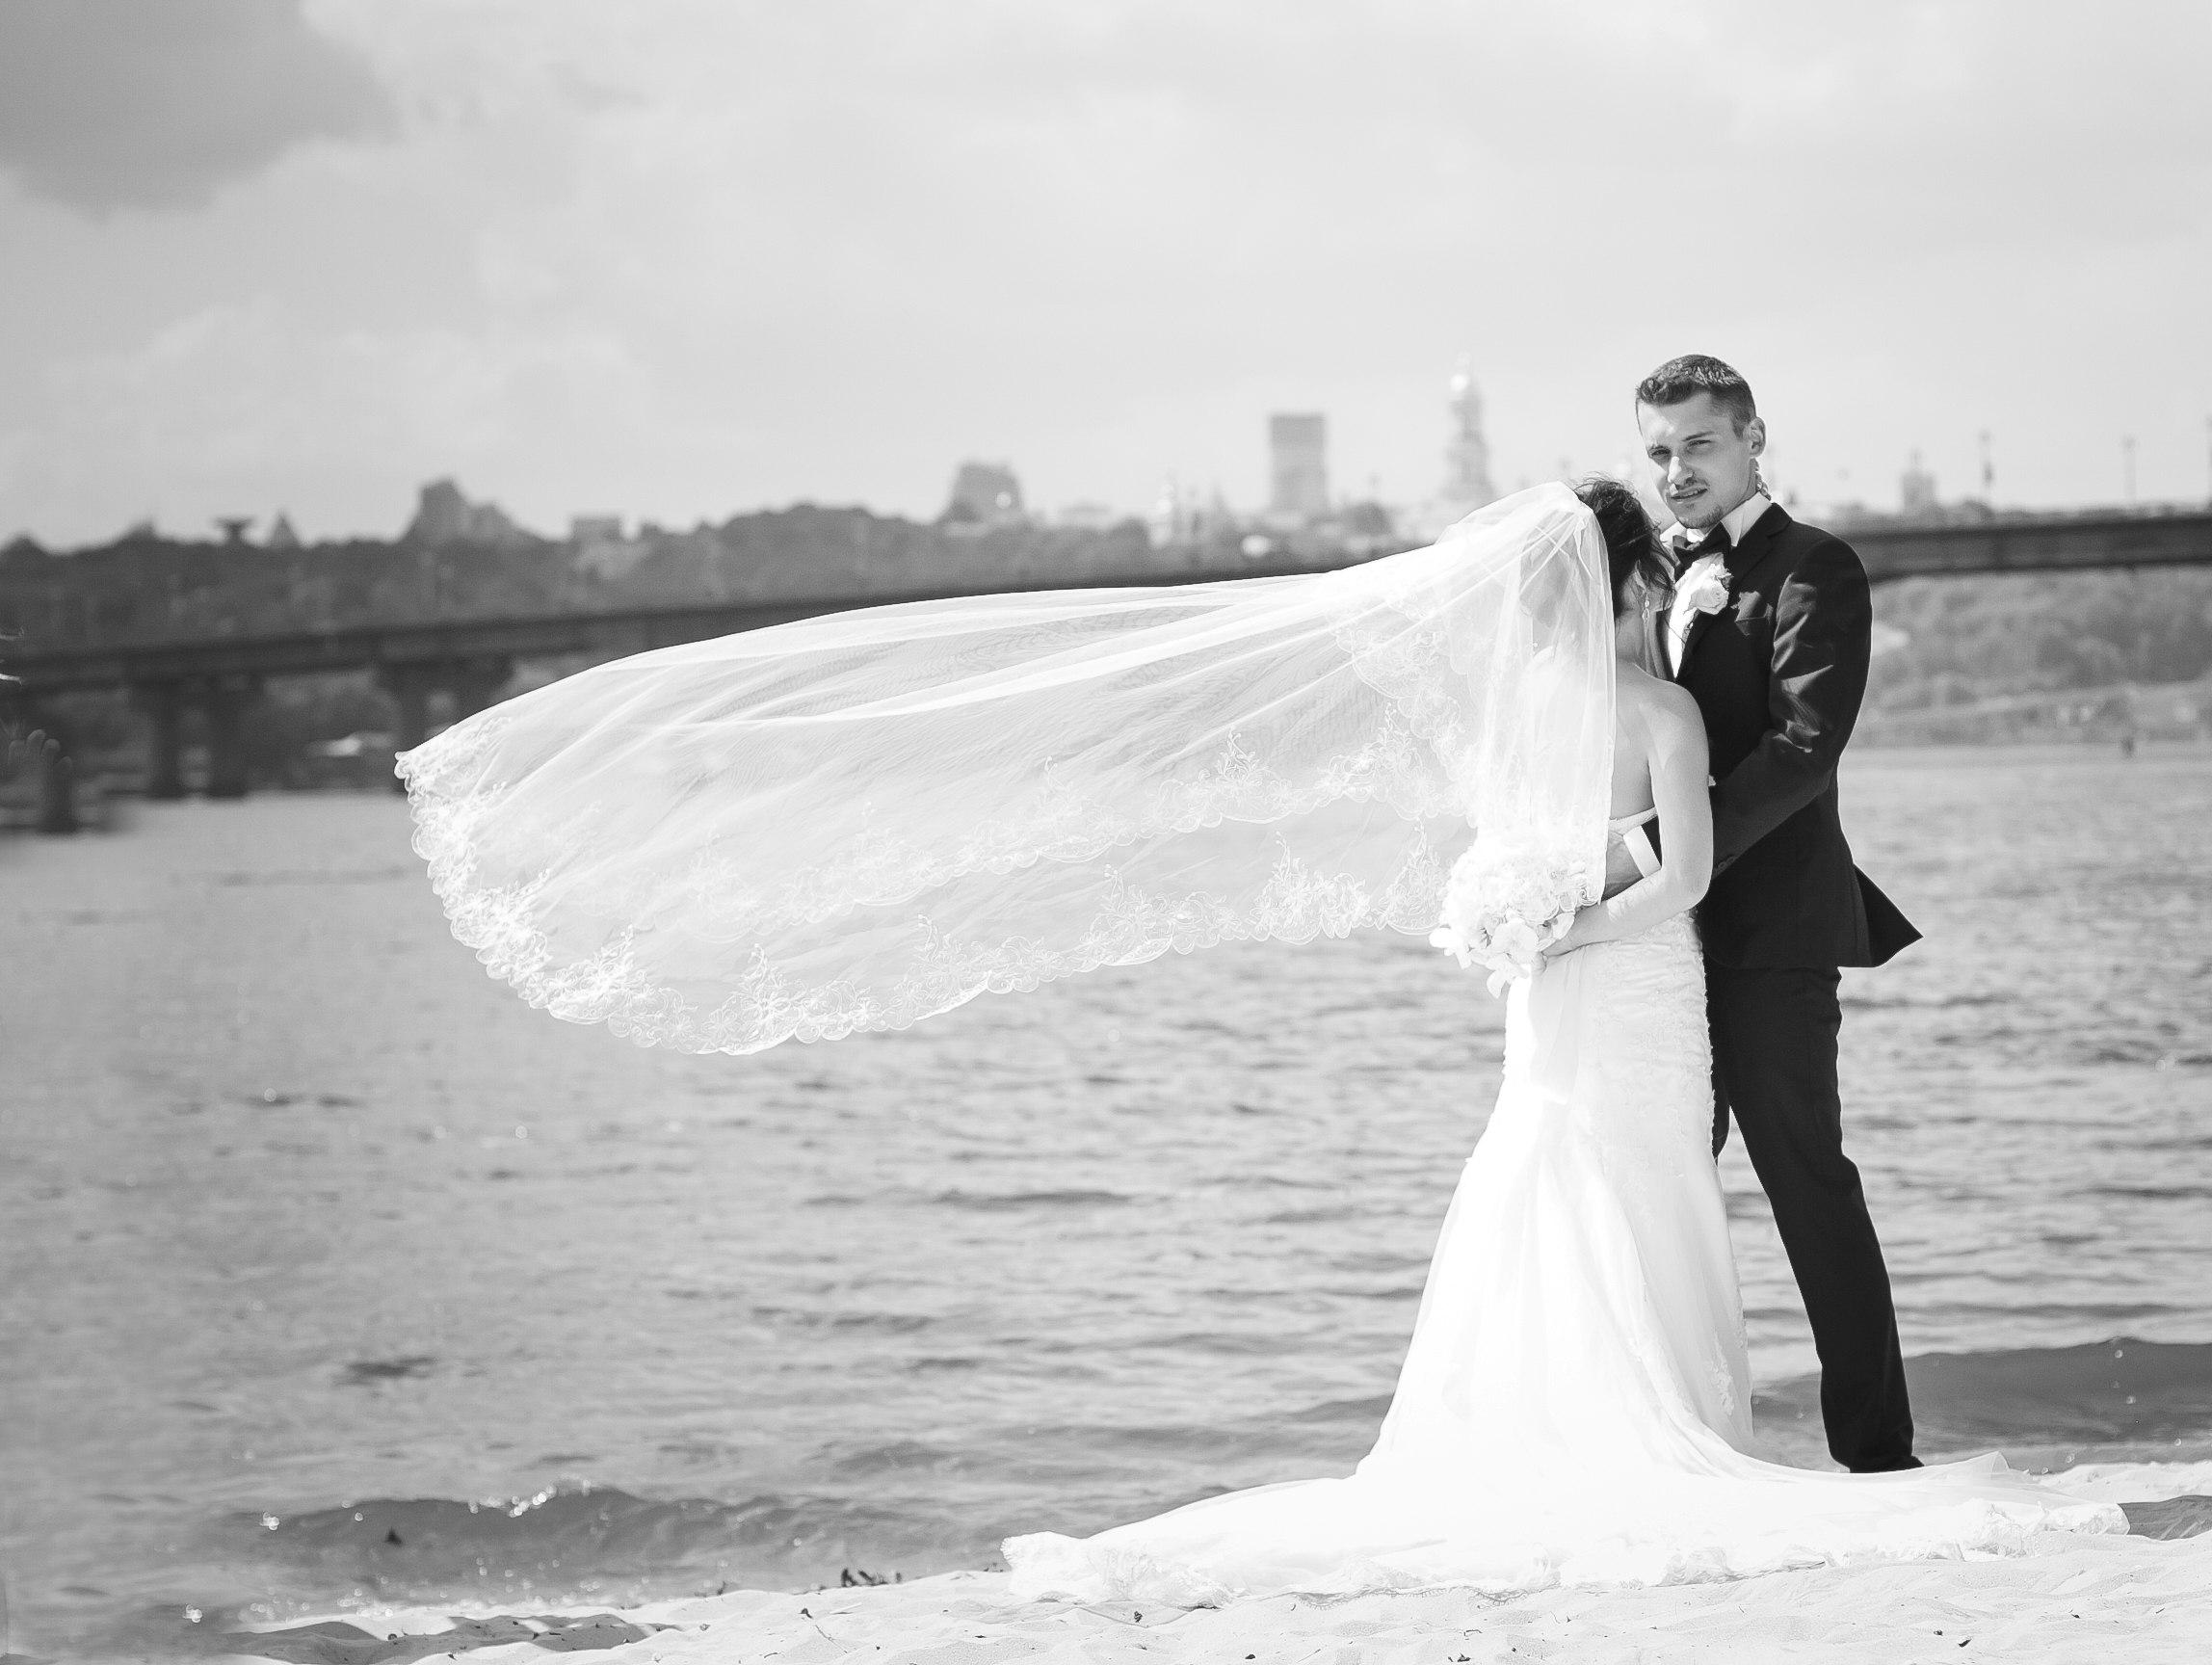 zJ3sjb qR0E - Как сократить бюджет свадьбы